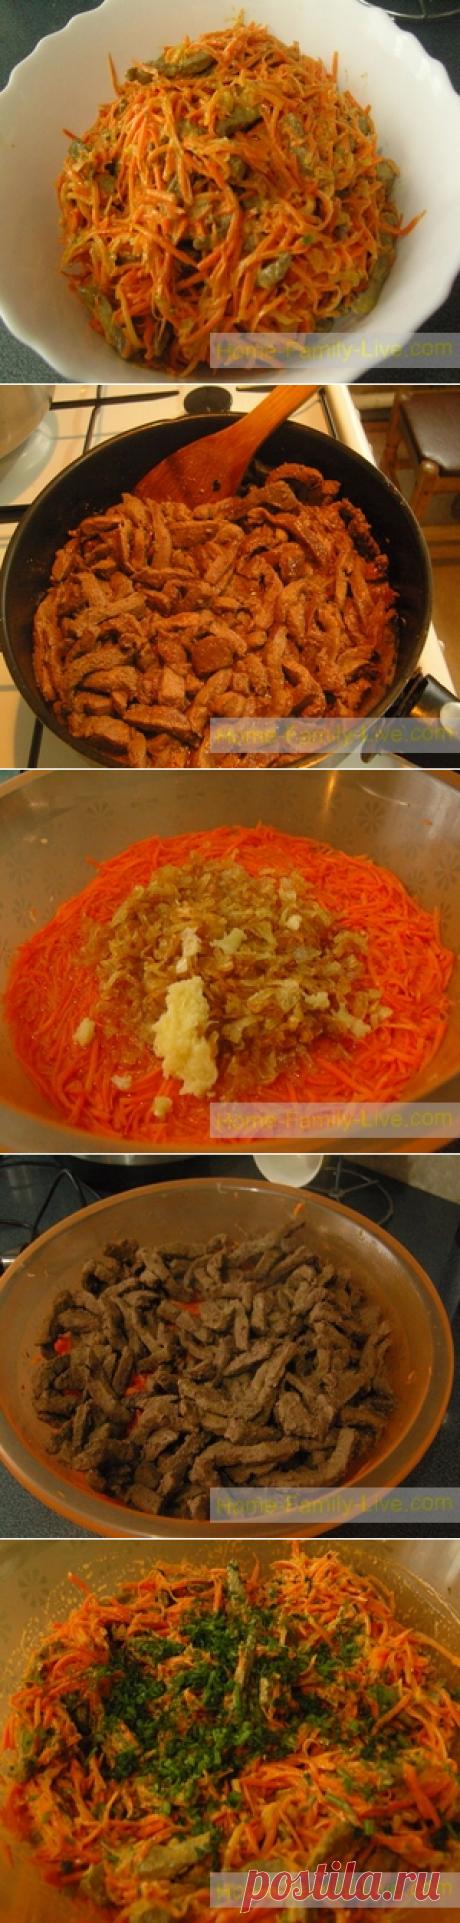 Салат с печенью - пошаговый рецепт салат по корейскиКулинарные рецепты